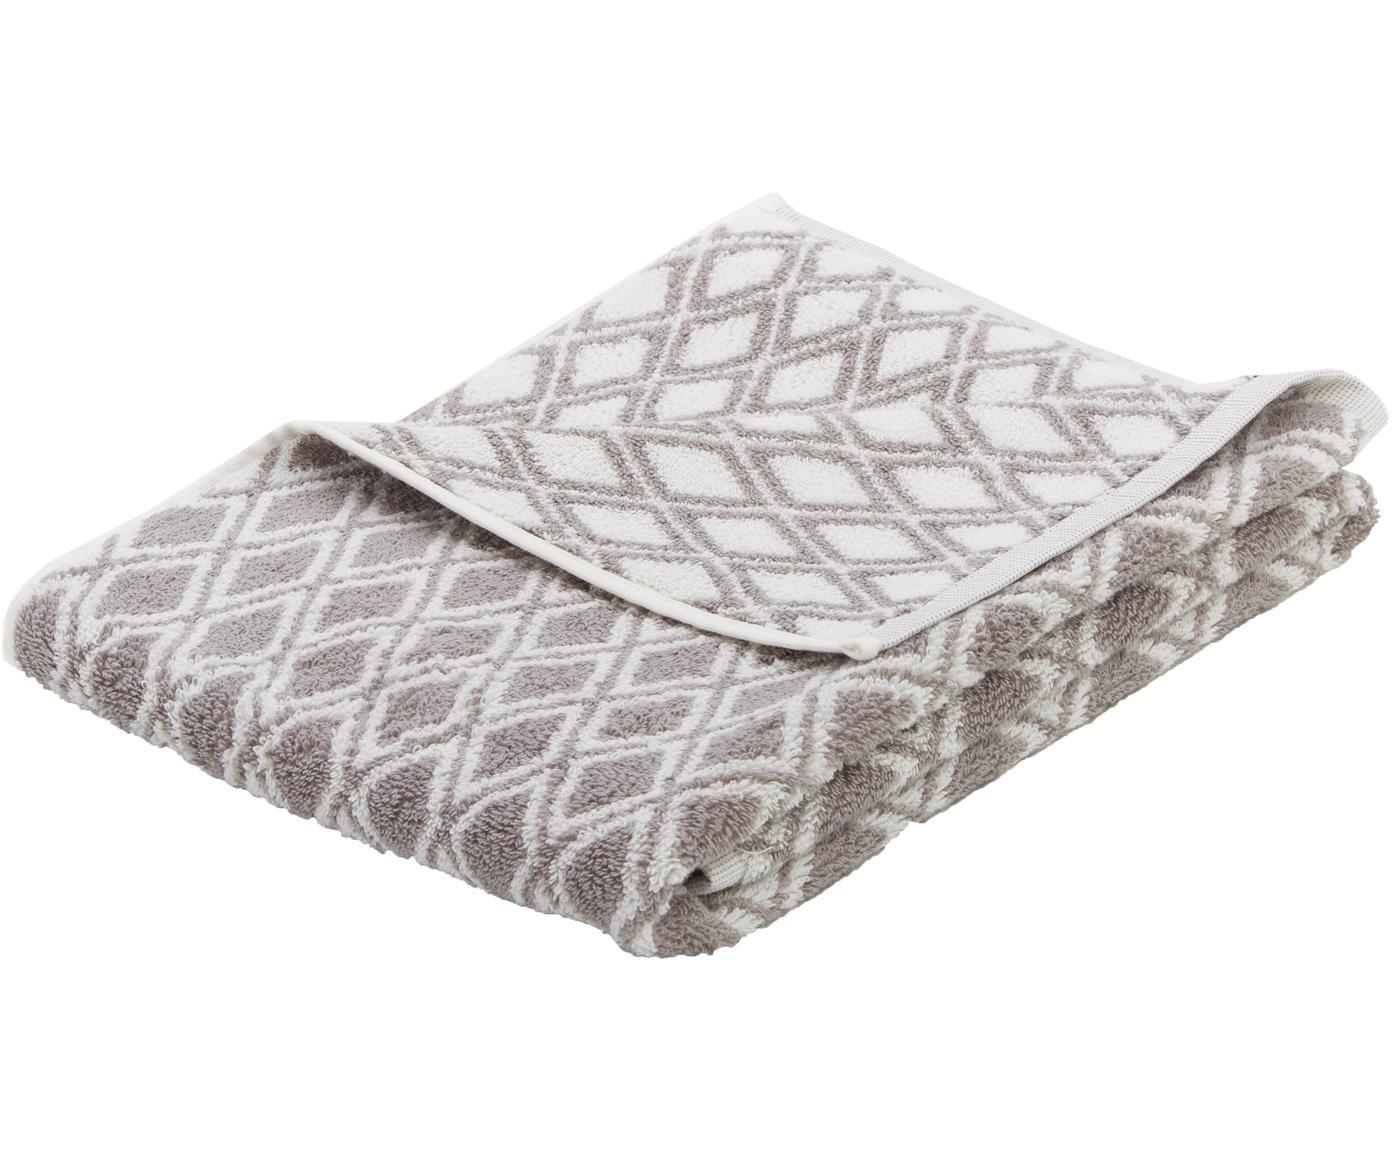 Dwustronny ręcznik Ava, Taupe, kremowobiały, Ręcznik do rąk